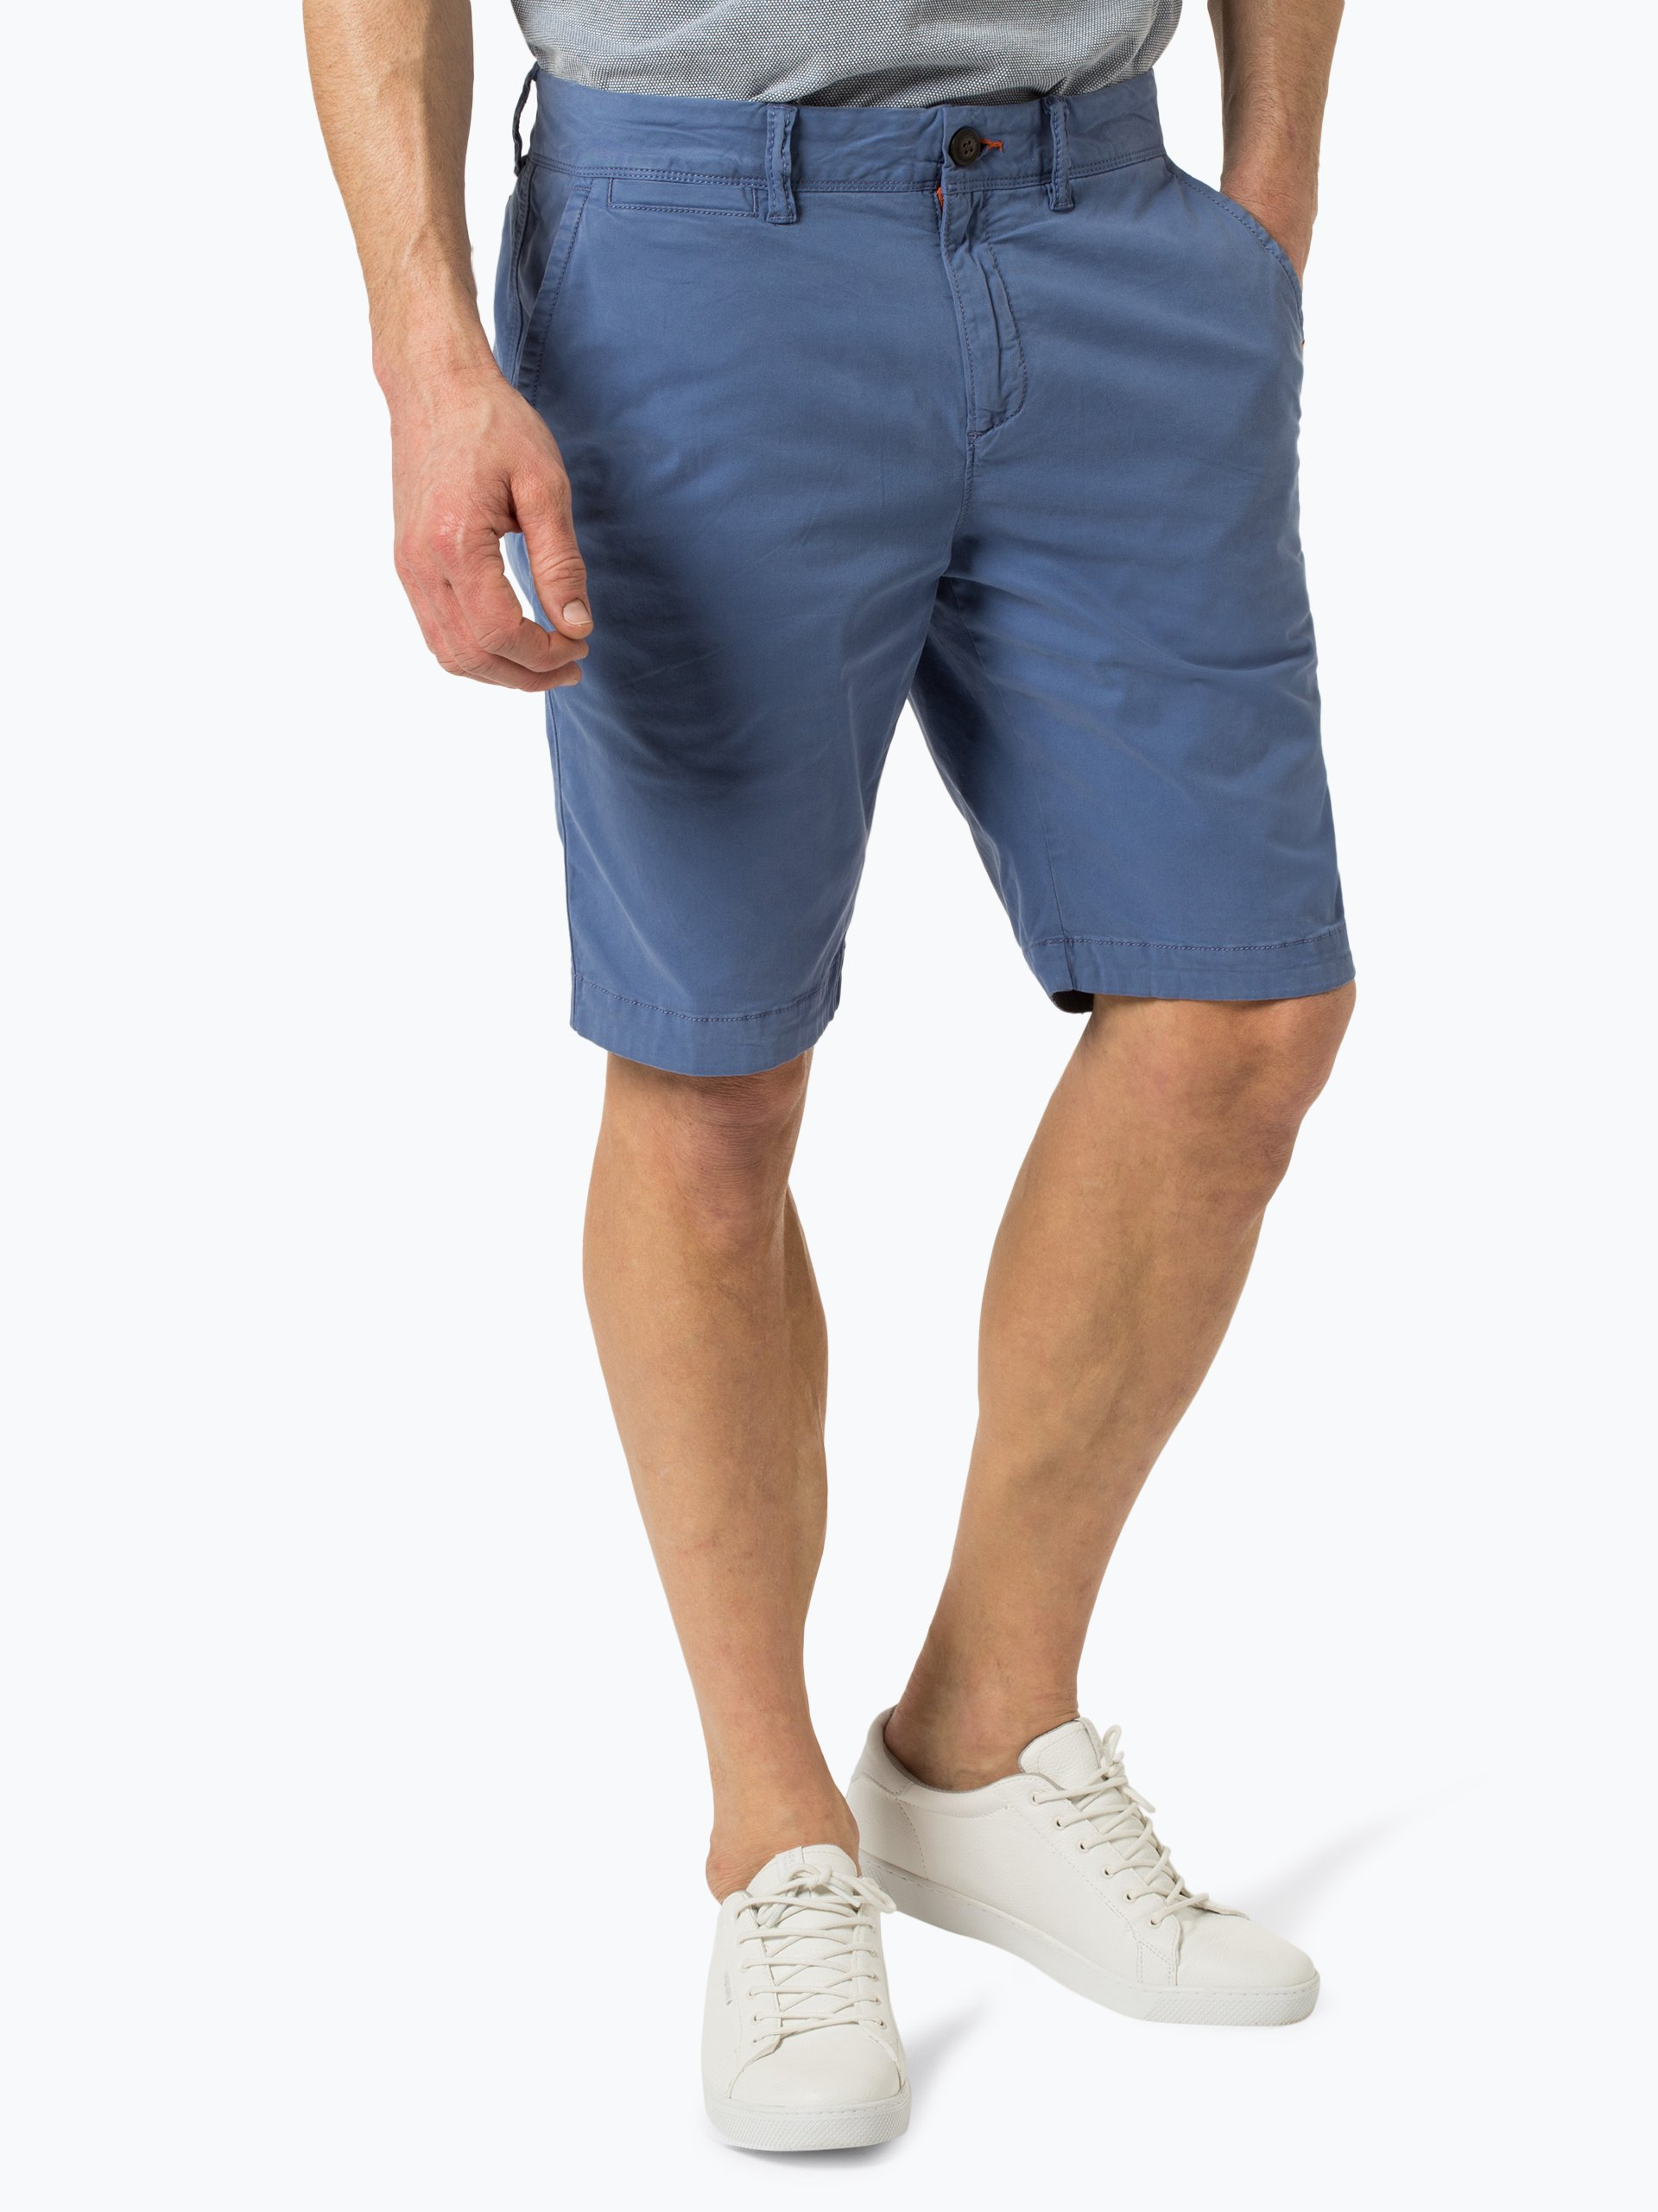 Superdry Herren Shorts - Chino Short